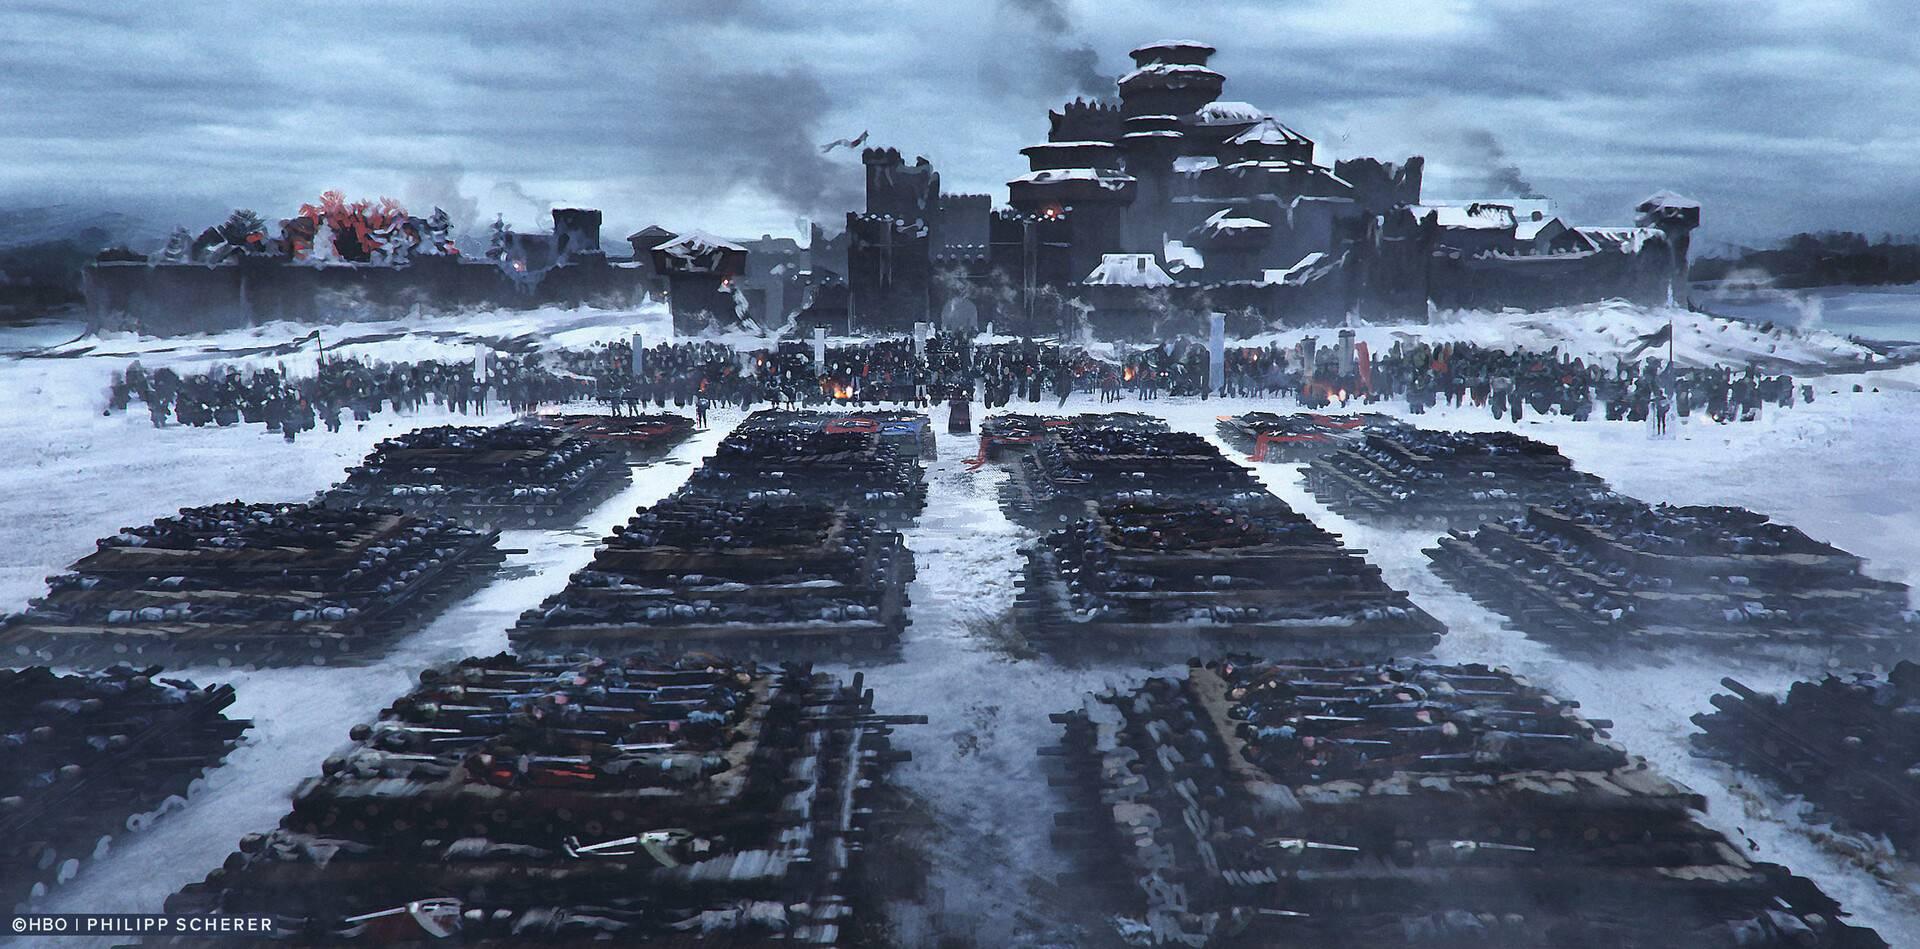 Концепт-арт: иллюстрации к восьмому сезону «Игры престолов» 8